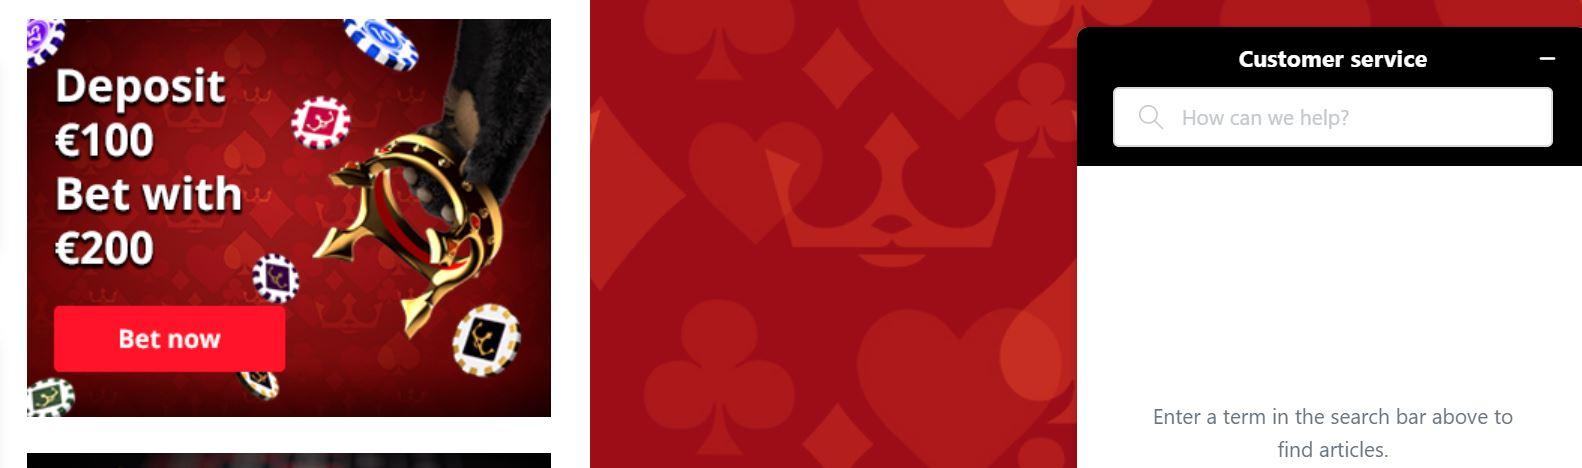 Royal panda casino tiene gran variedad de juegos disponibles.